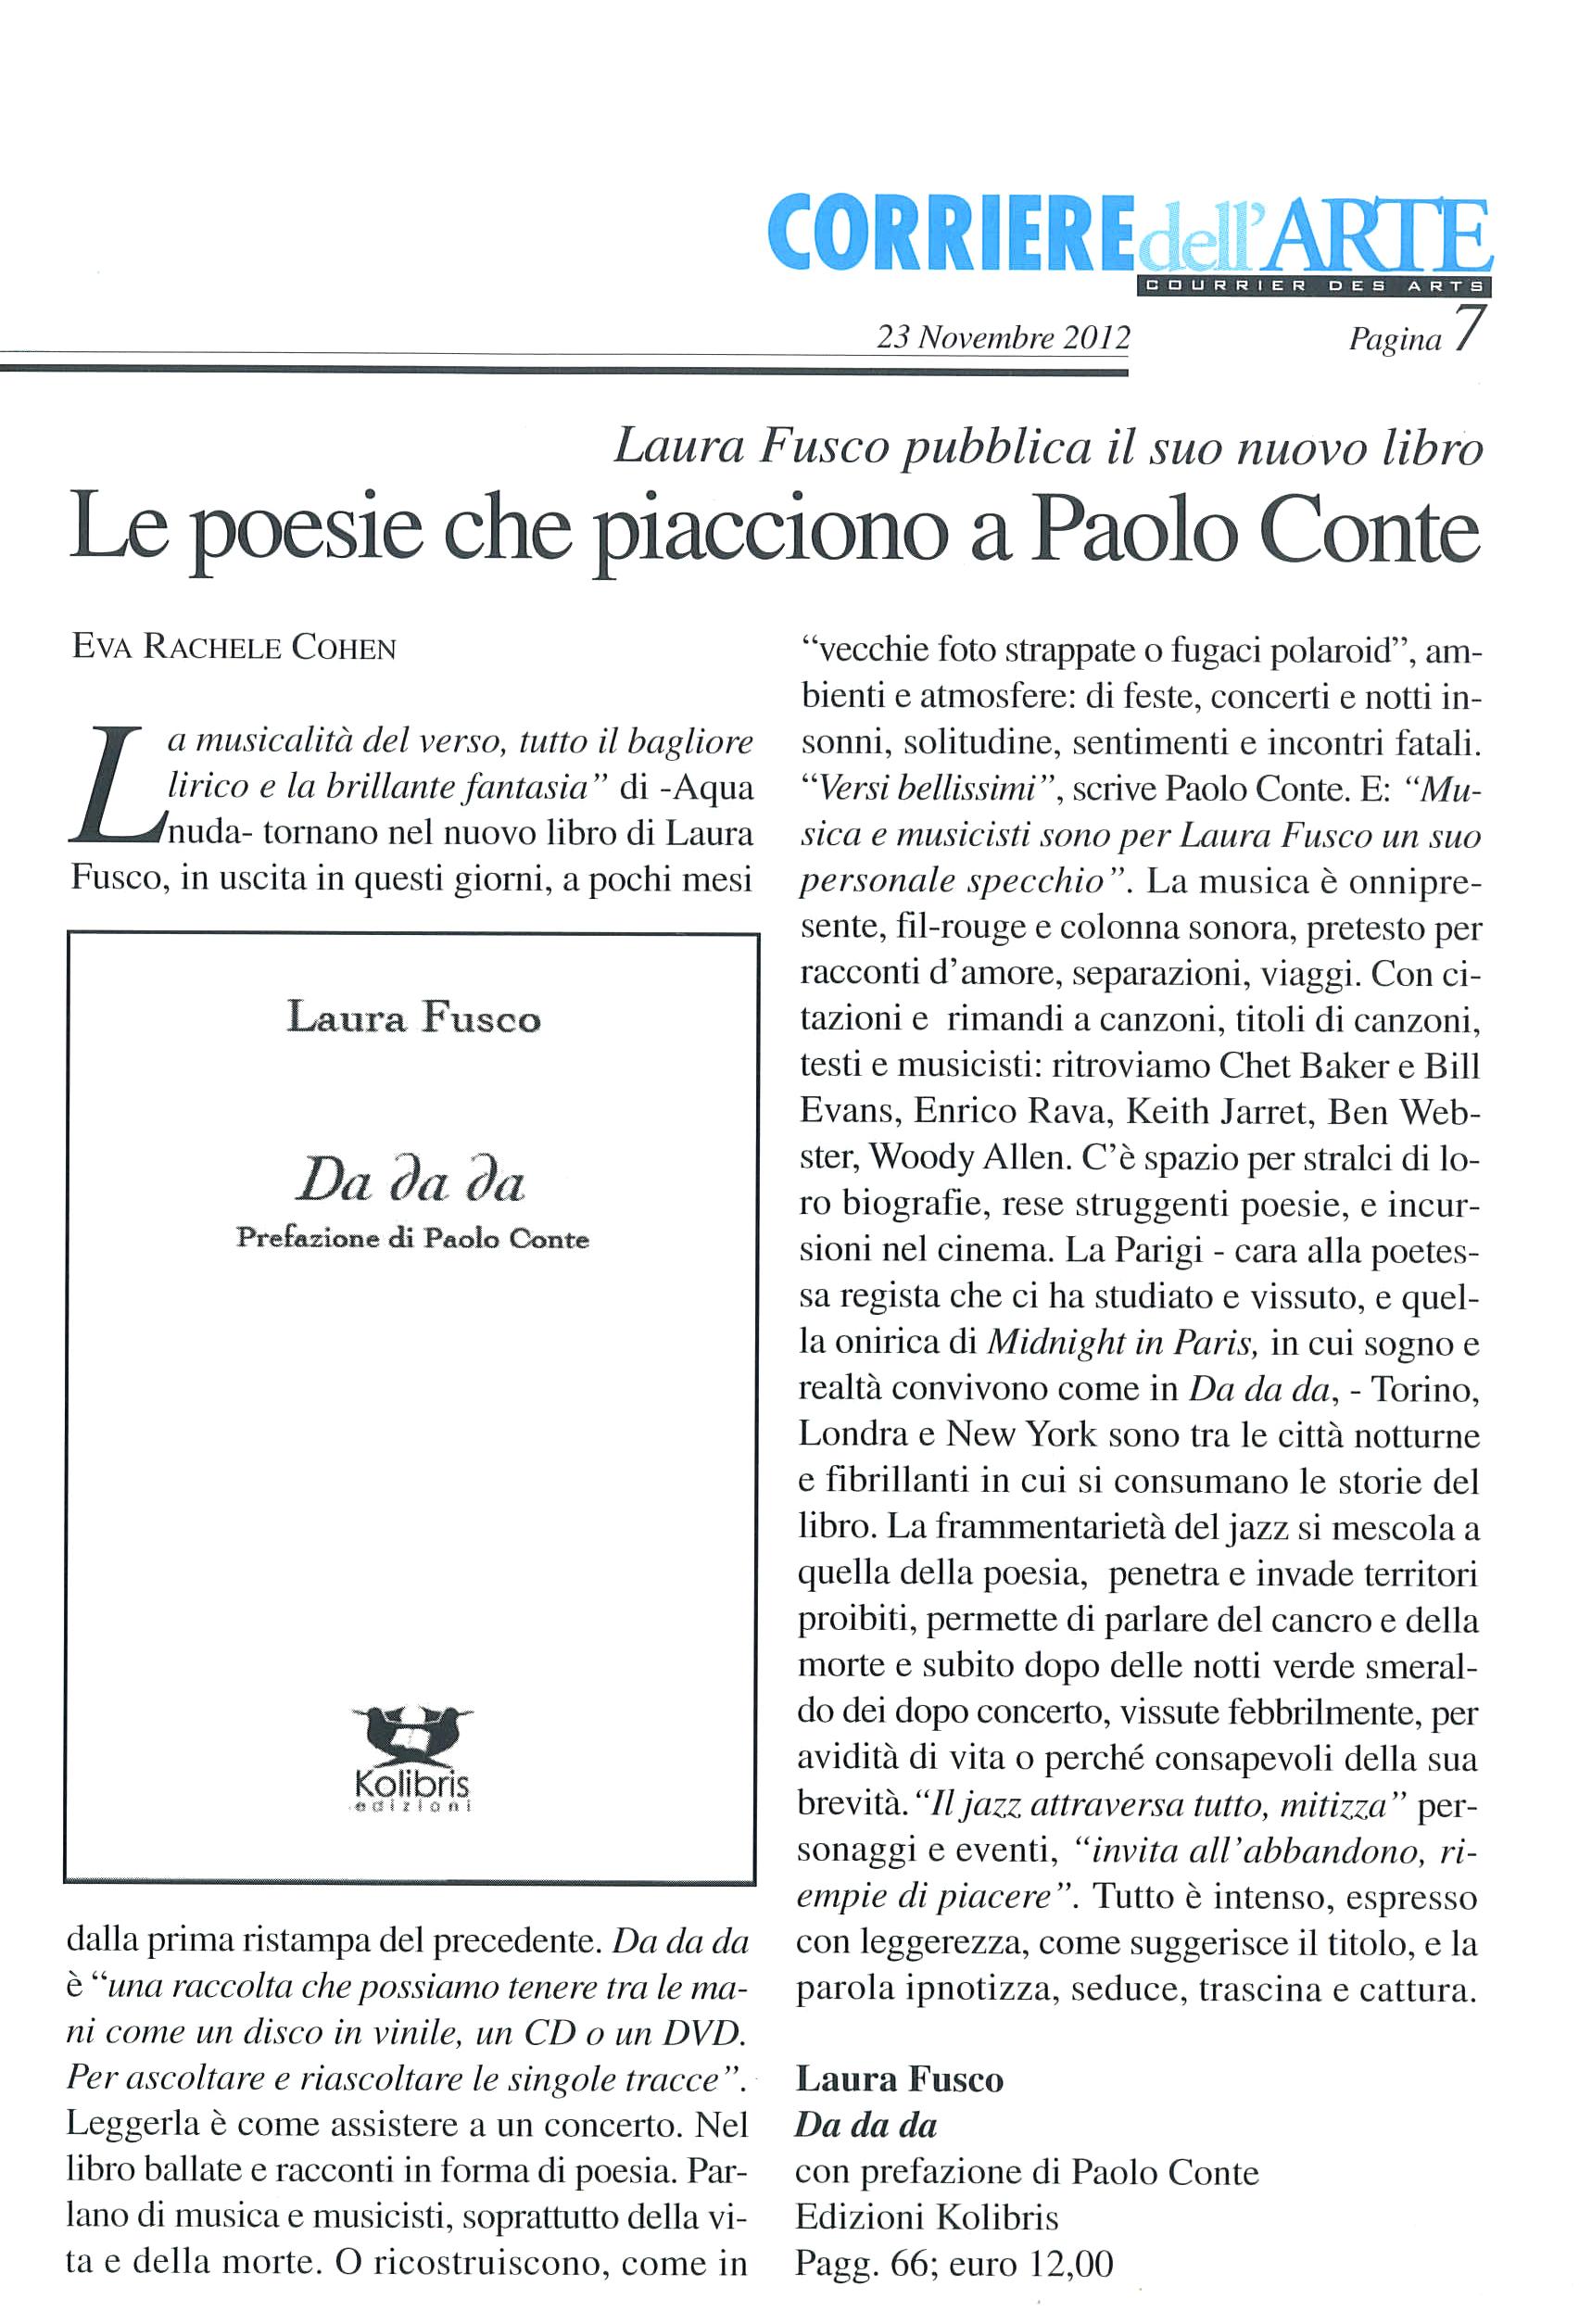 """Recensione a """"Da da da"""" di Laura Fusco sul """"Corriere dell'Arte"""""""